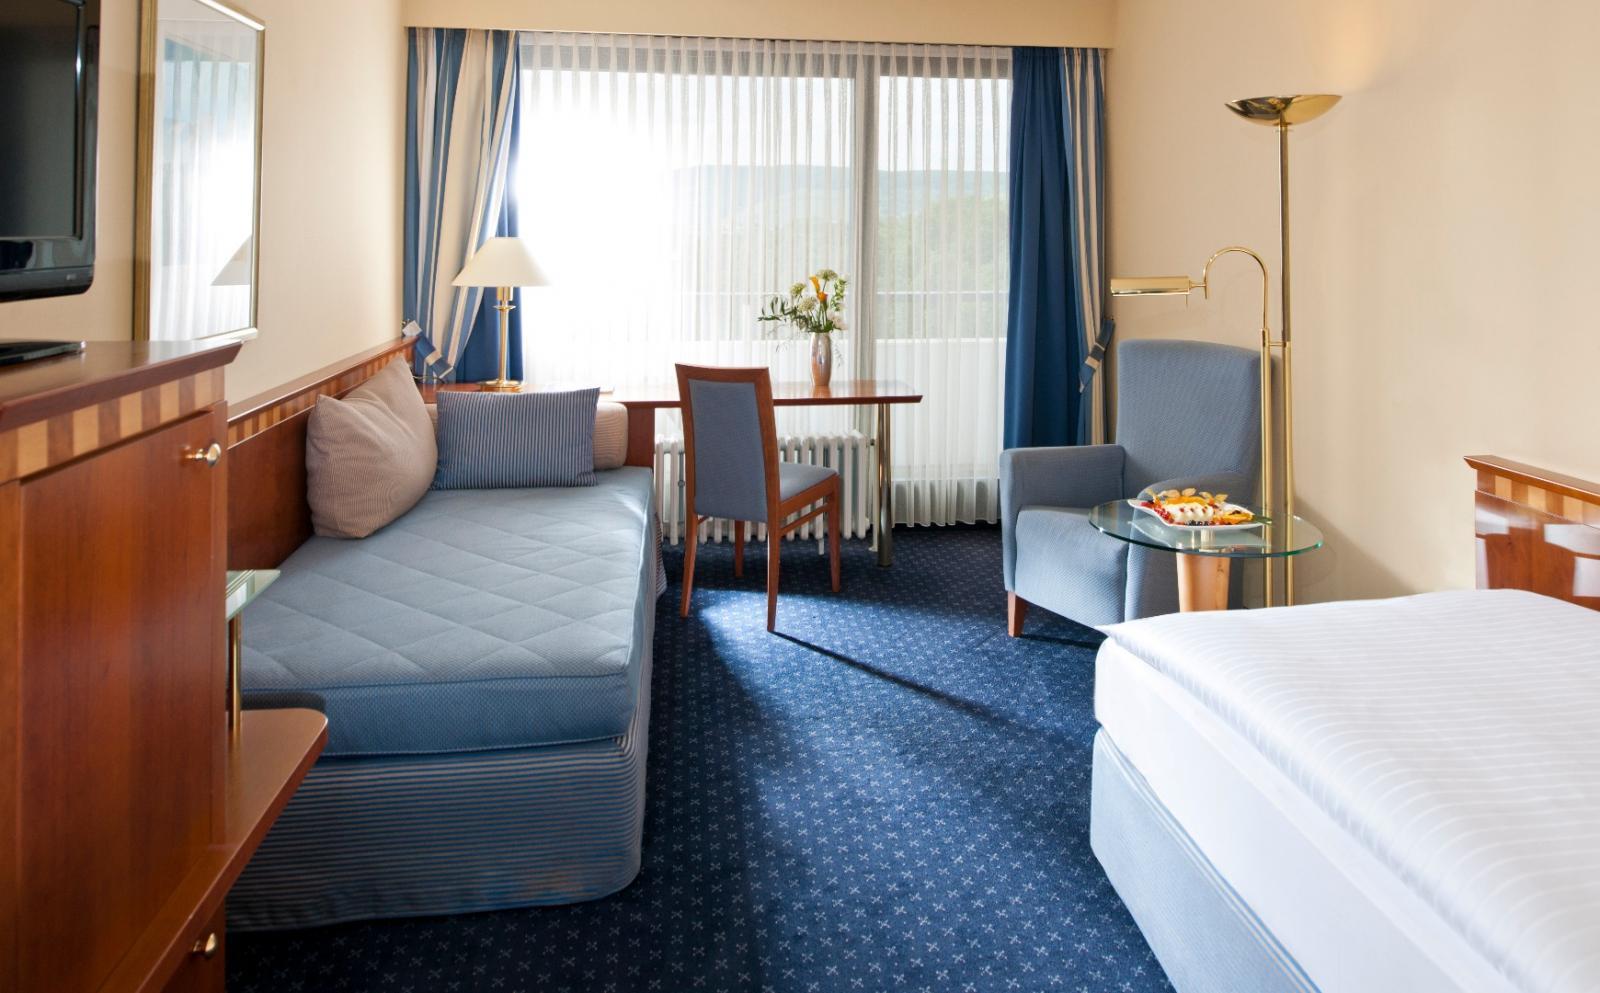 dorint parkhotel bad neuenahr bad neuenahr hotelbewertung. Black Bedroom Furniture Sets. Home Design Ideas